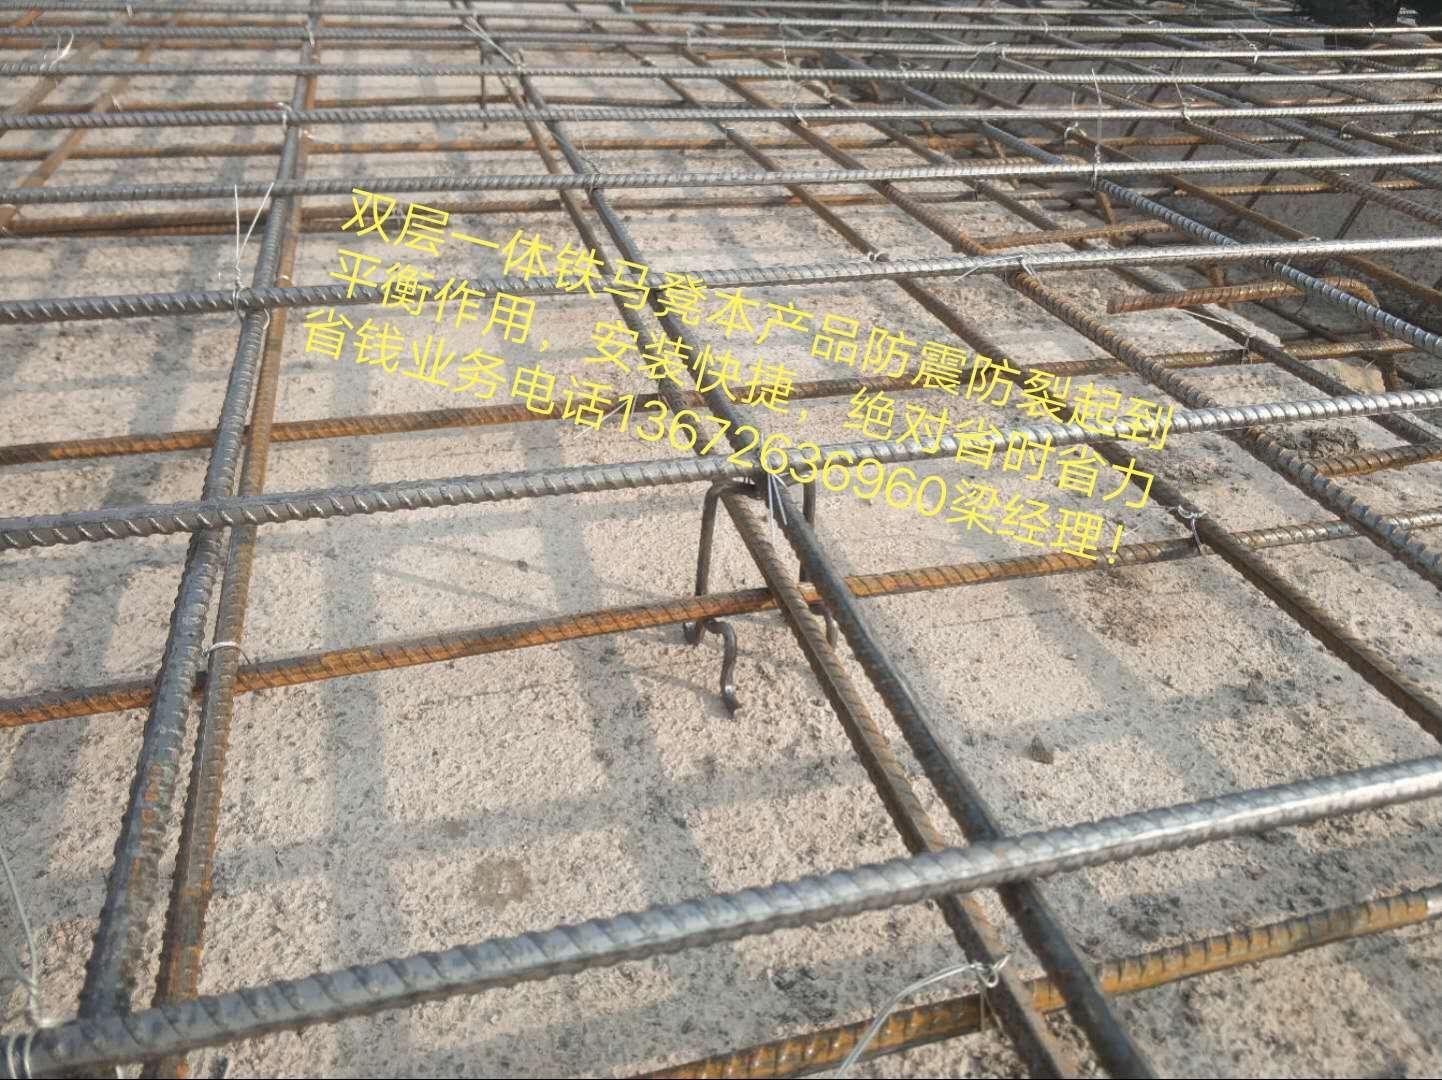 广东罗定23公分双层铁马凳厂家直销定做报价价格哪家好